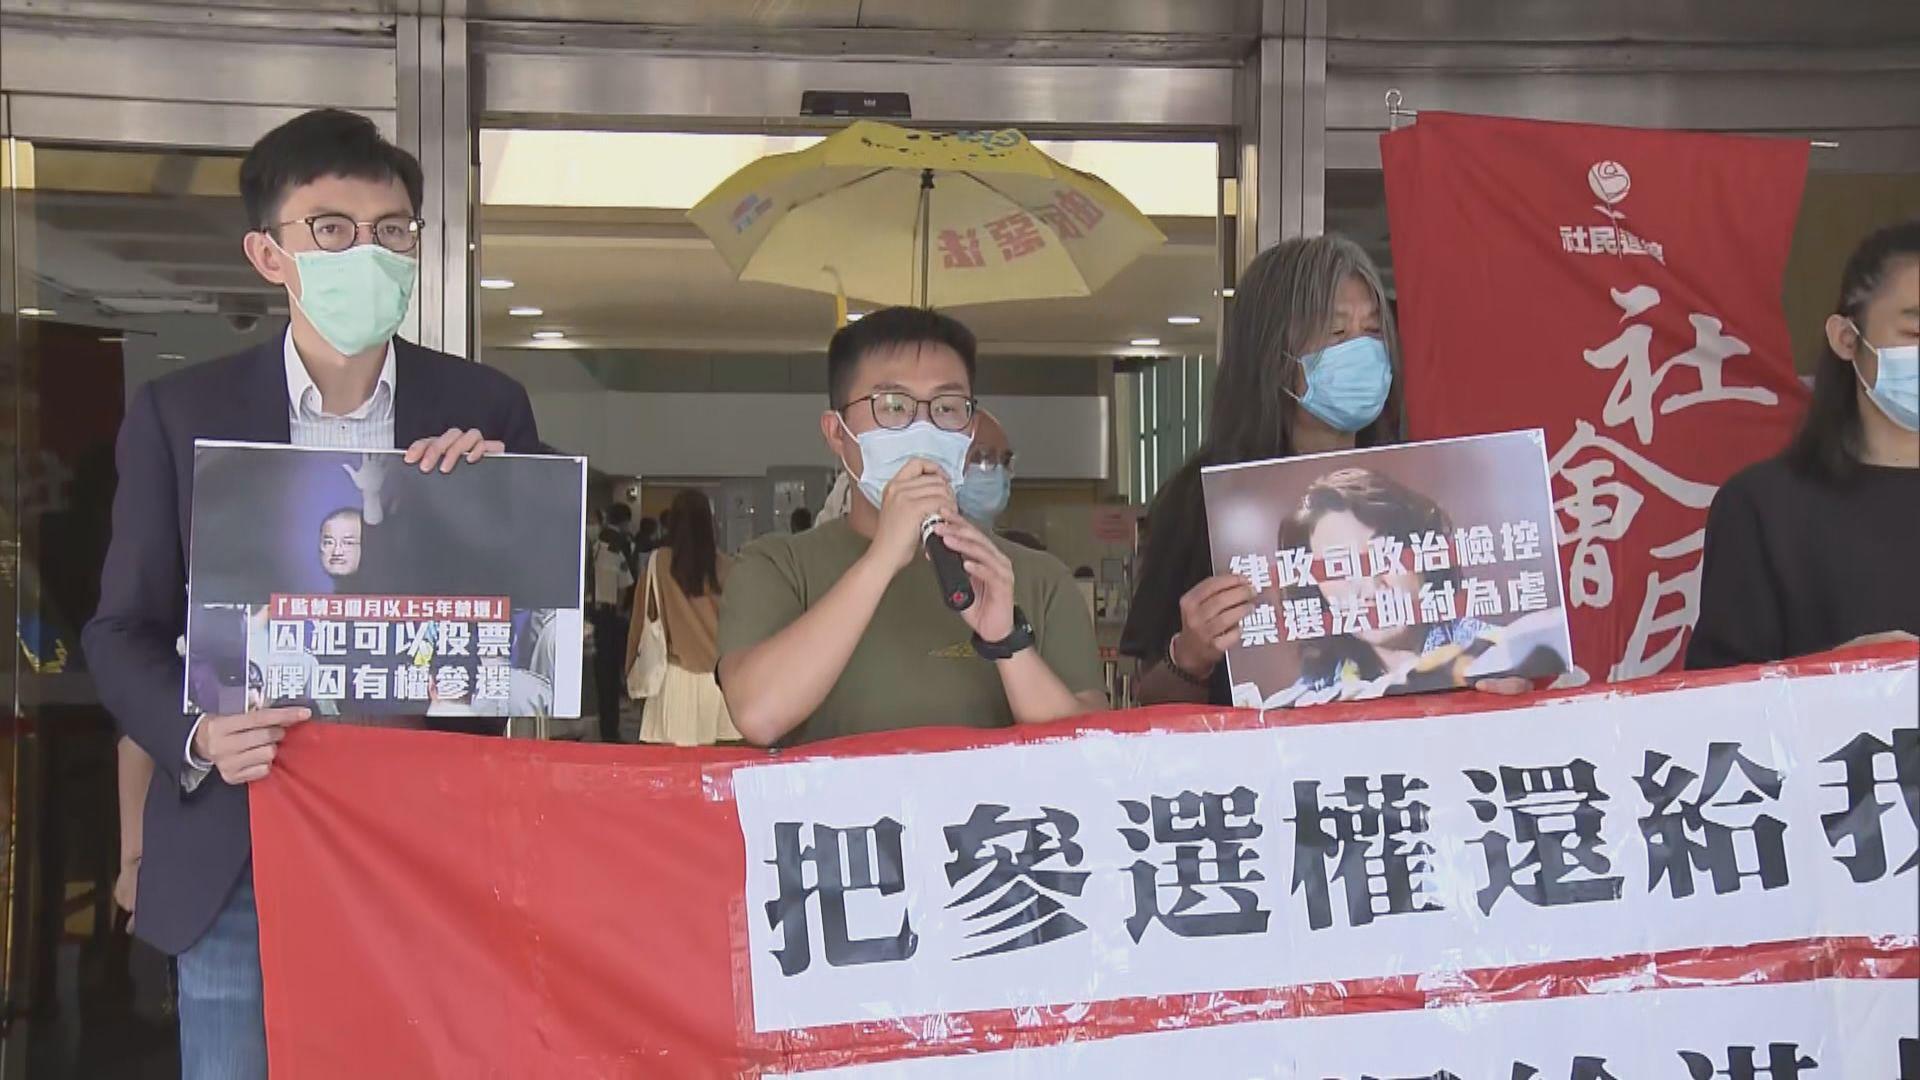 黃浩銘提覆核判囚三個月限制五年內不准參選規定